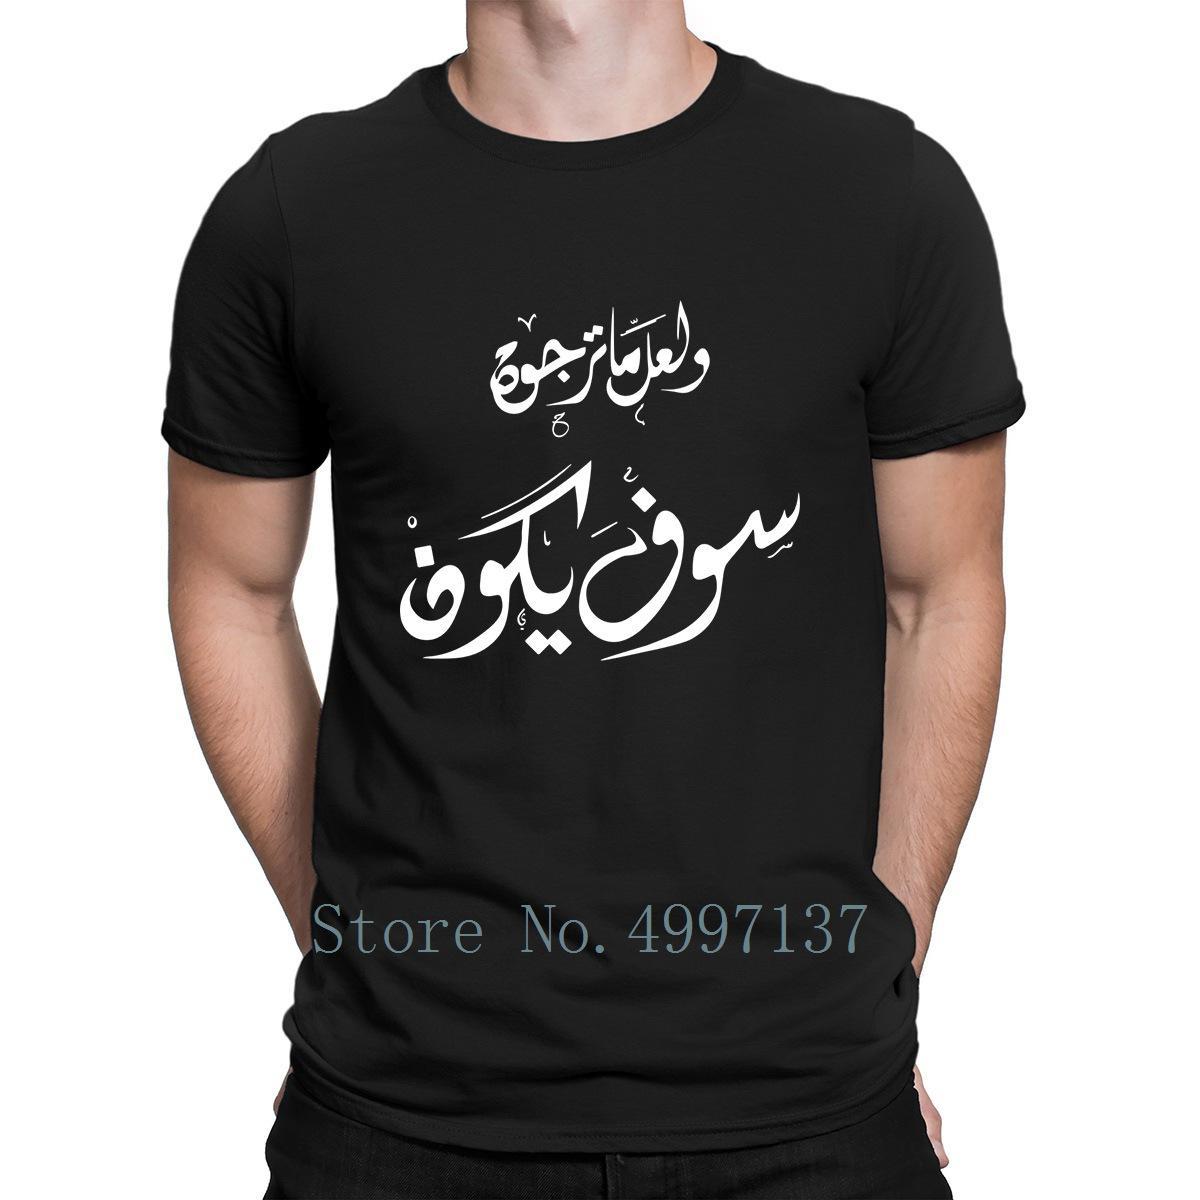 Deseos árabe camiseta del algodón del verano ropa normal Personalizar O-Cuello de camisa floja informal